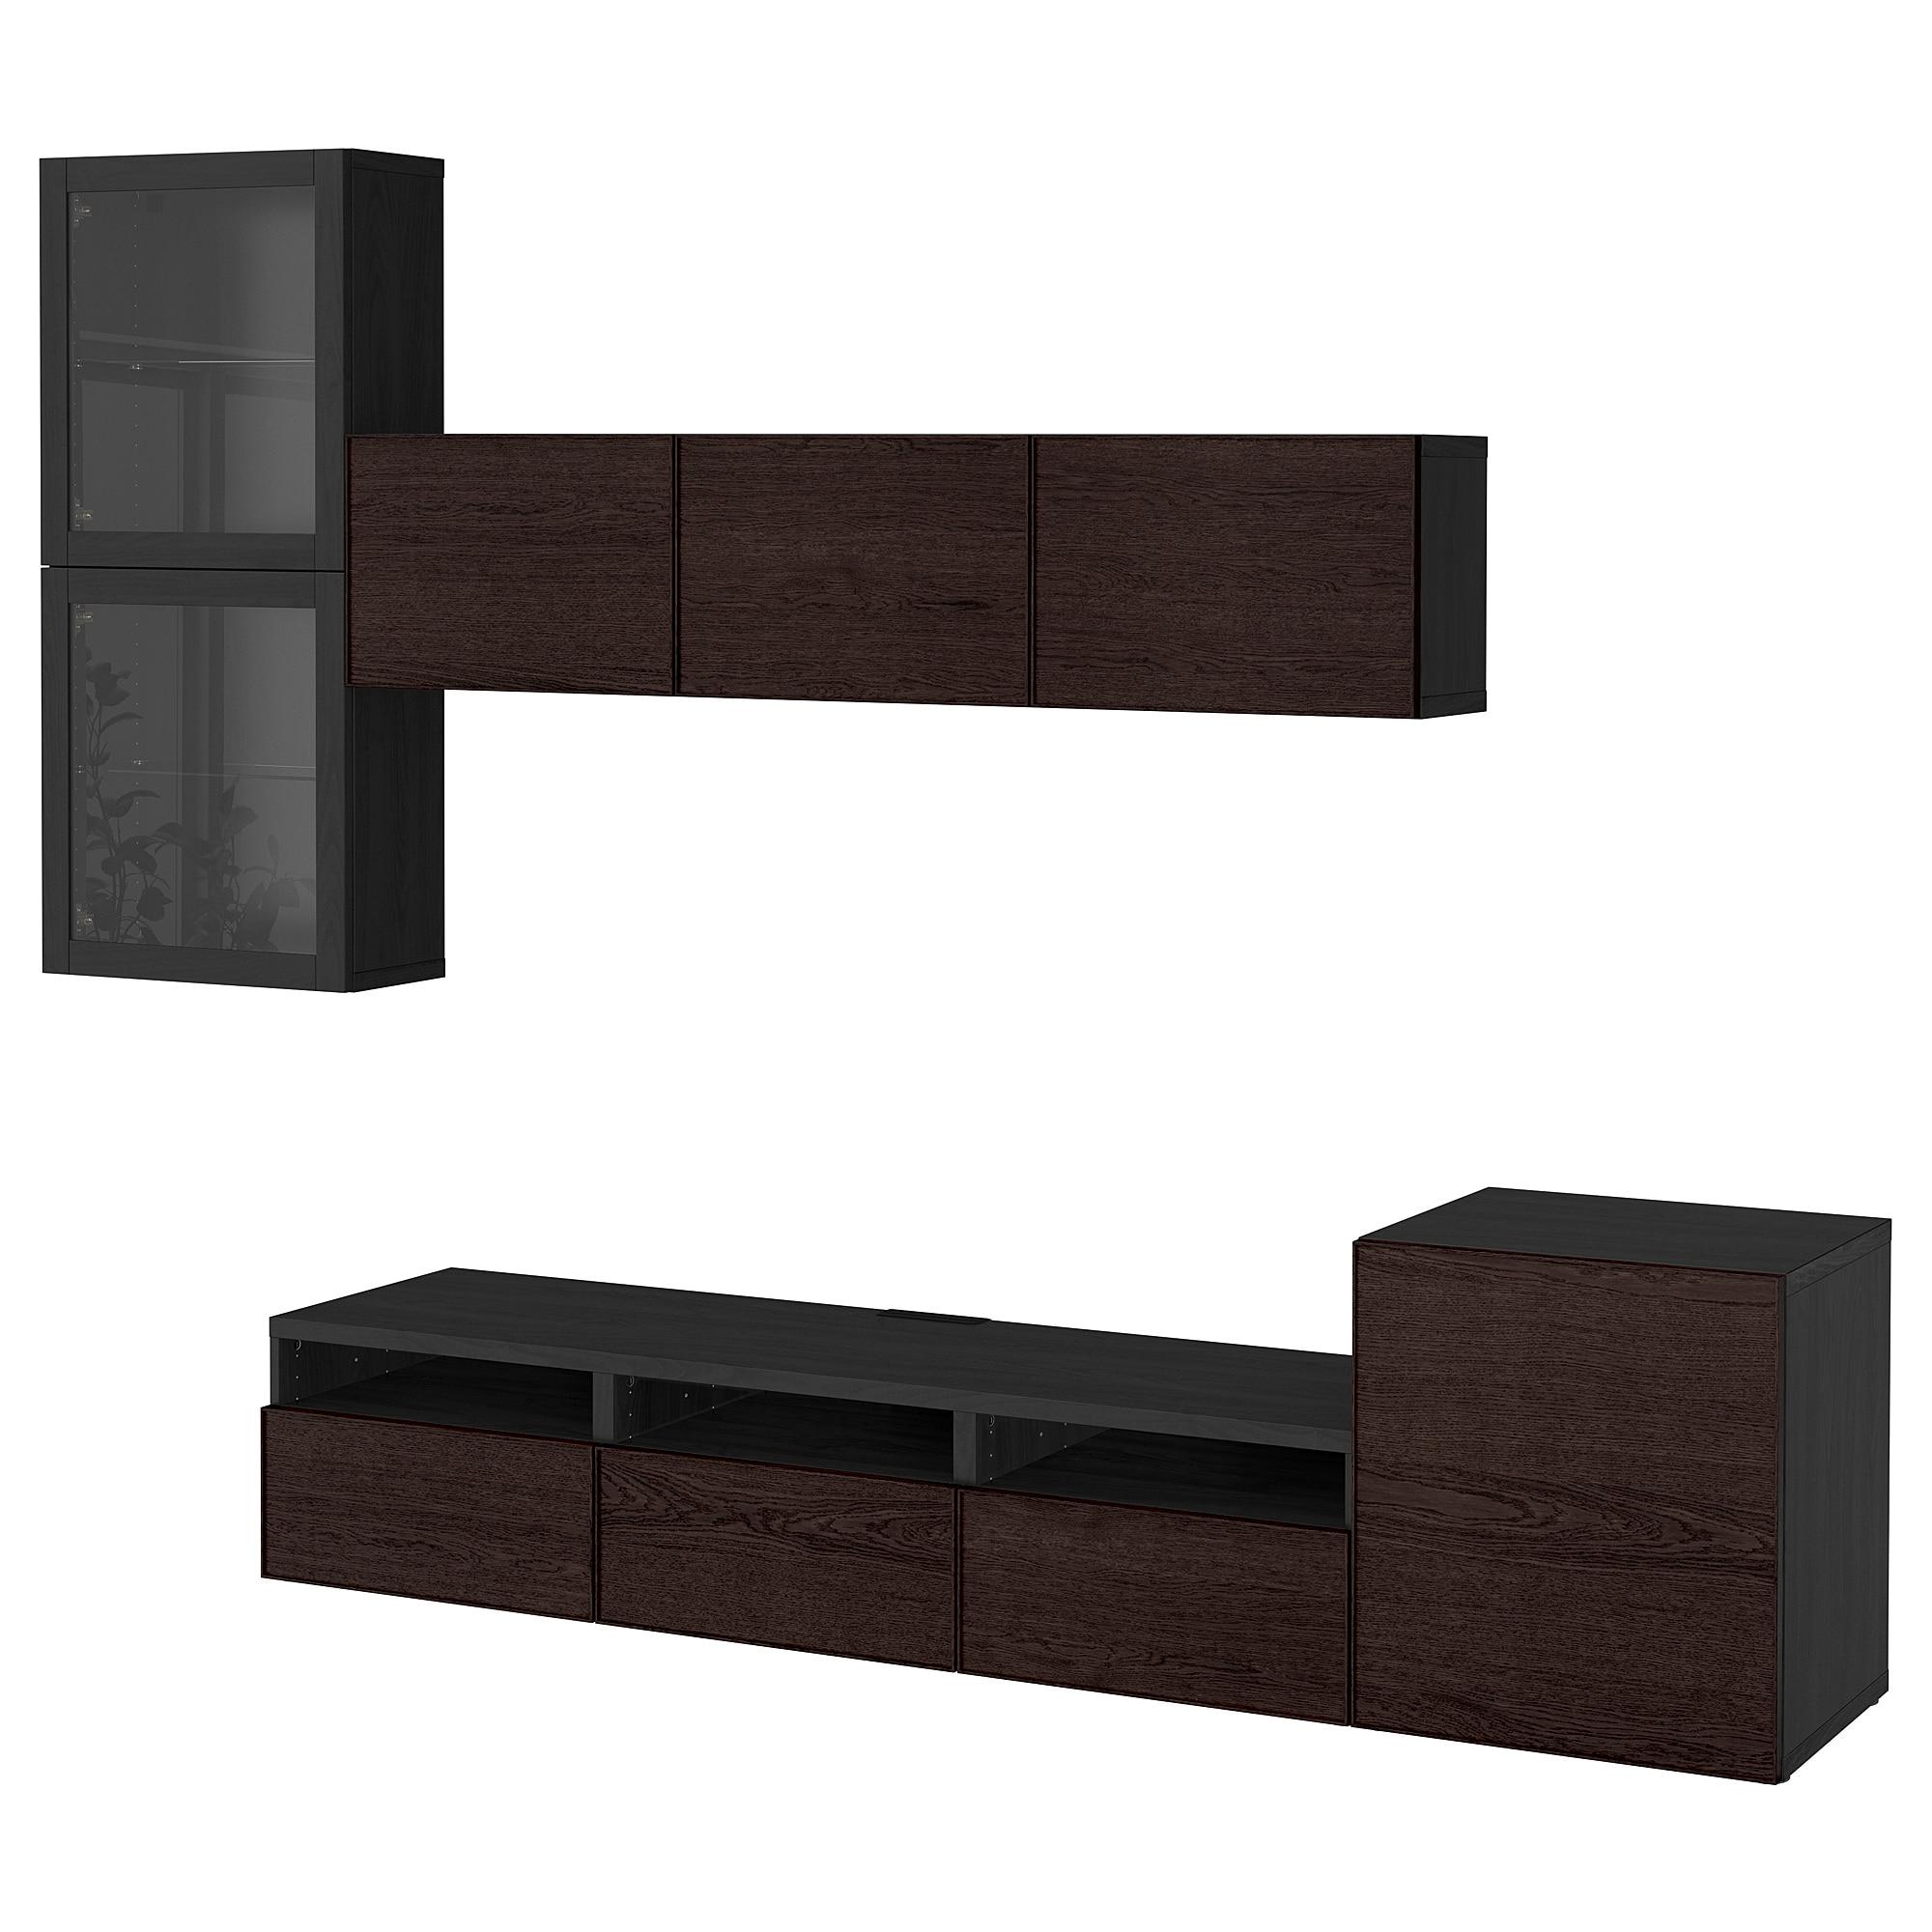 Шкаф для ТВ, комбинированный, стекляные дверцы БЕСТО черно-коричневый артикуль № 992.522.49 в наличии. Онлайн каталог IKEA РБ. Недорогая доставка и монтаж.